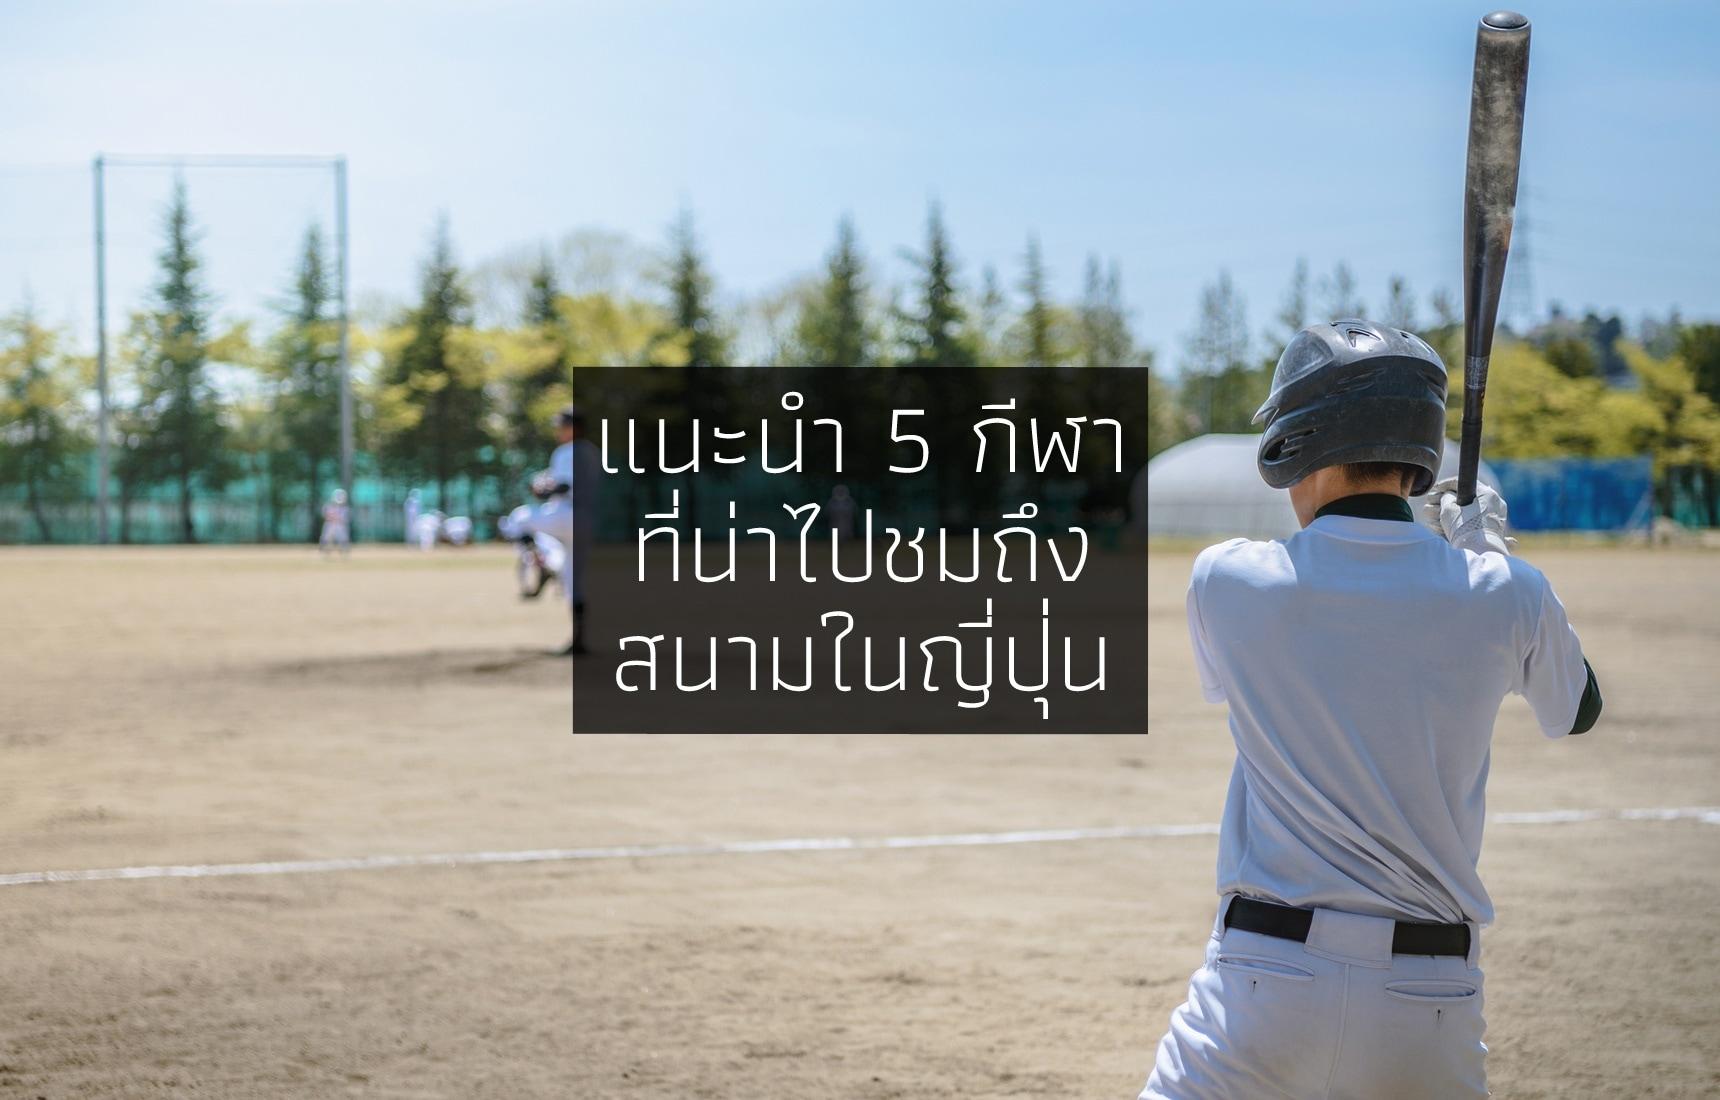 แนะนำ 5 กีฬาที่น่าไปชมถึงขอบสนามในญี่ปุ่น